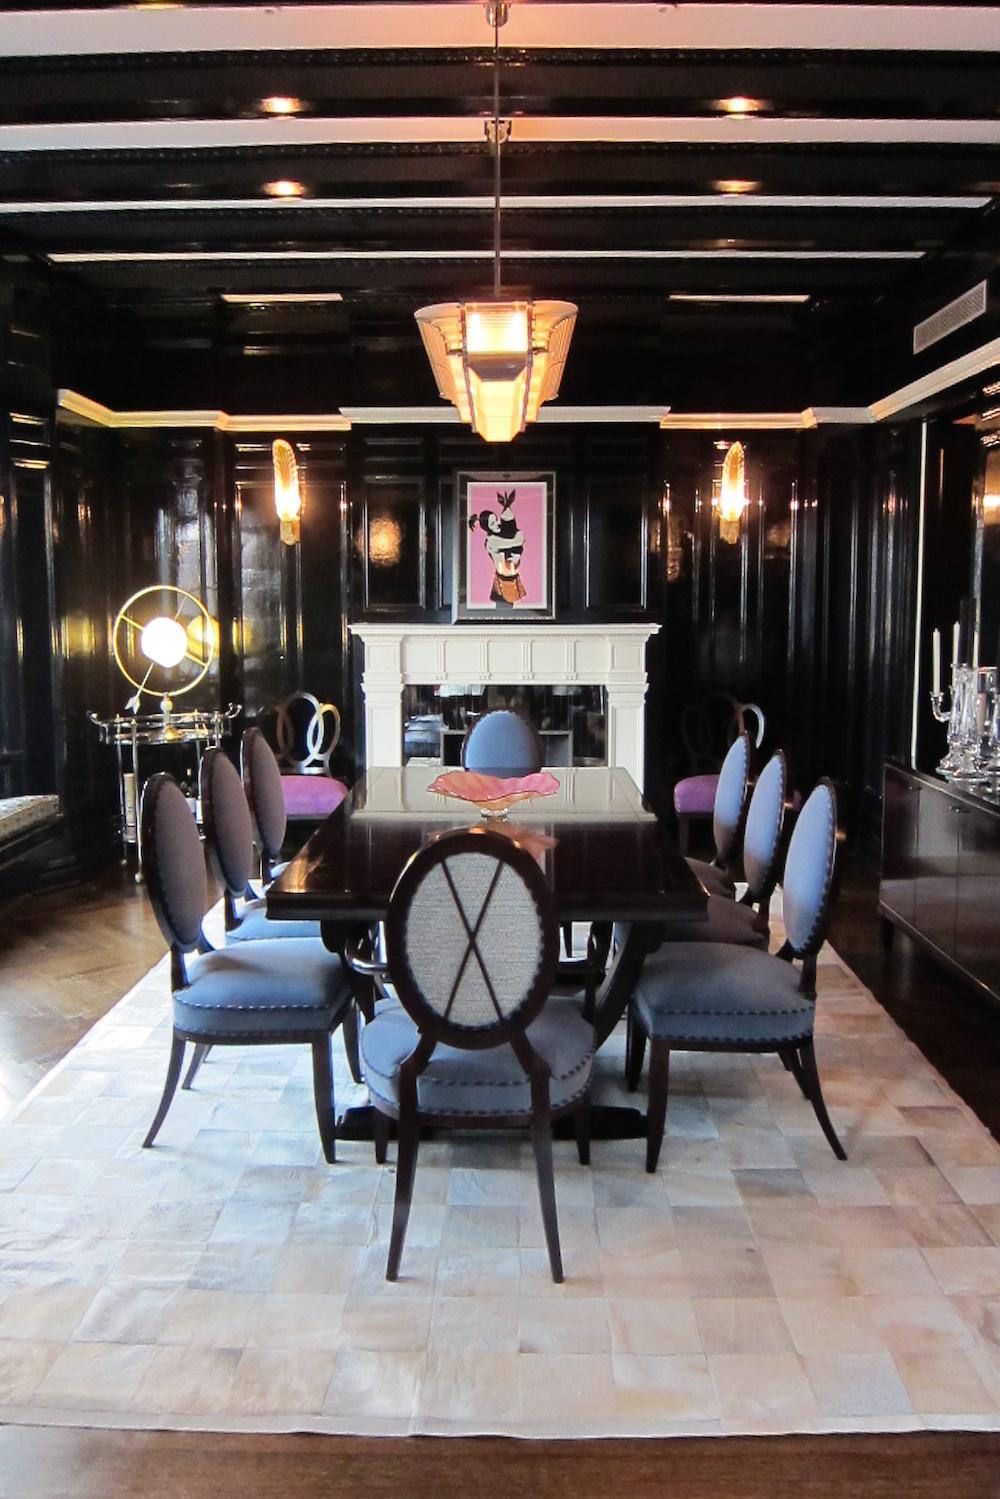 kari whitman elegant room dark colors